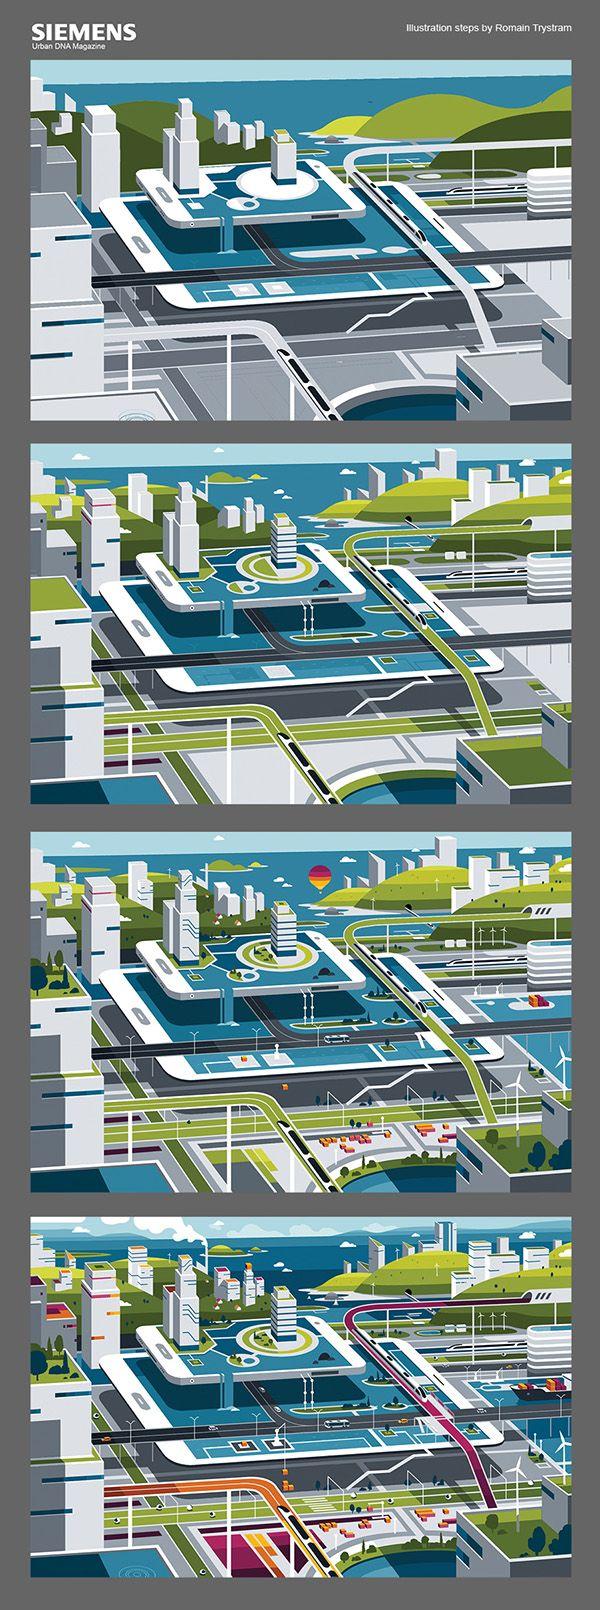 Siemens Urban DNA on Behance